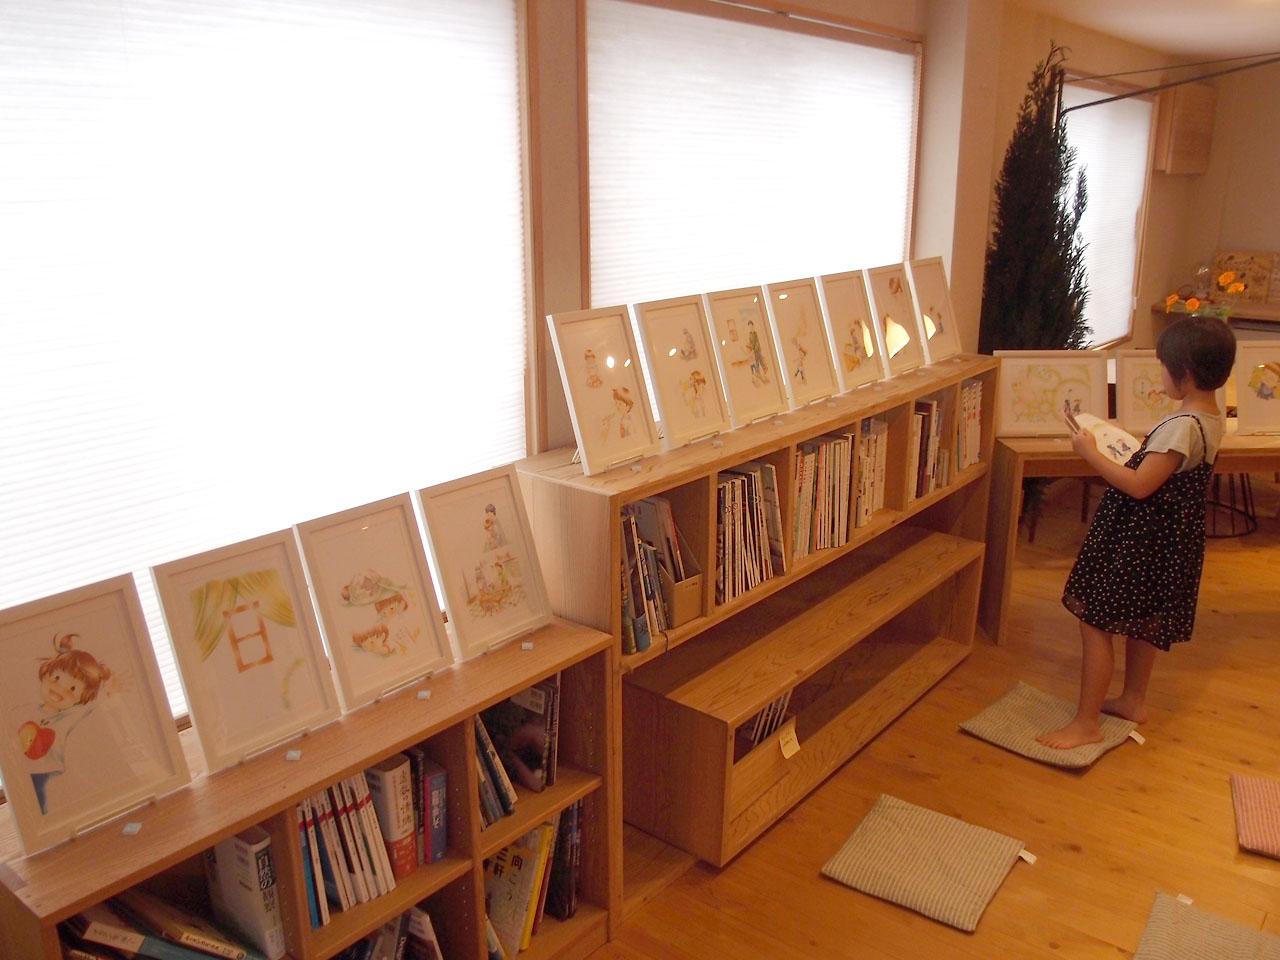 wakaba絵本原画展:最終日の展示